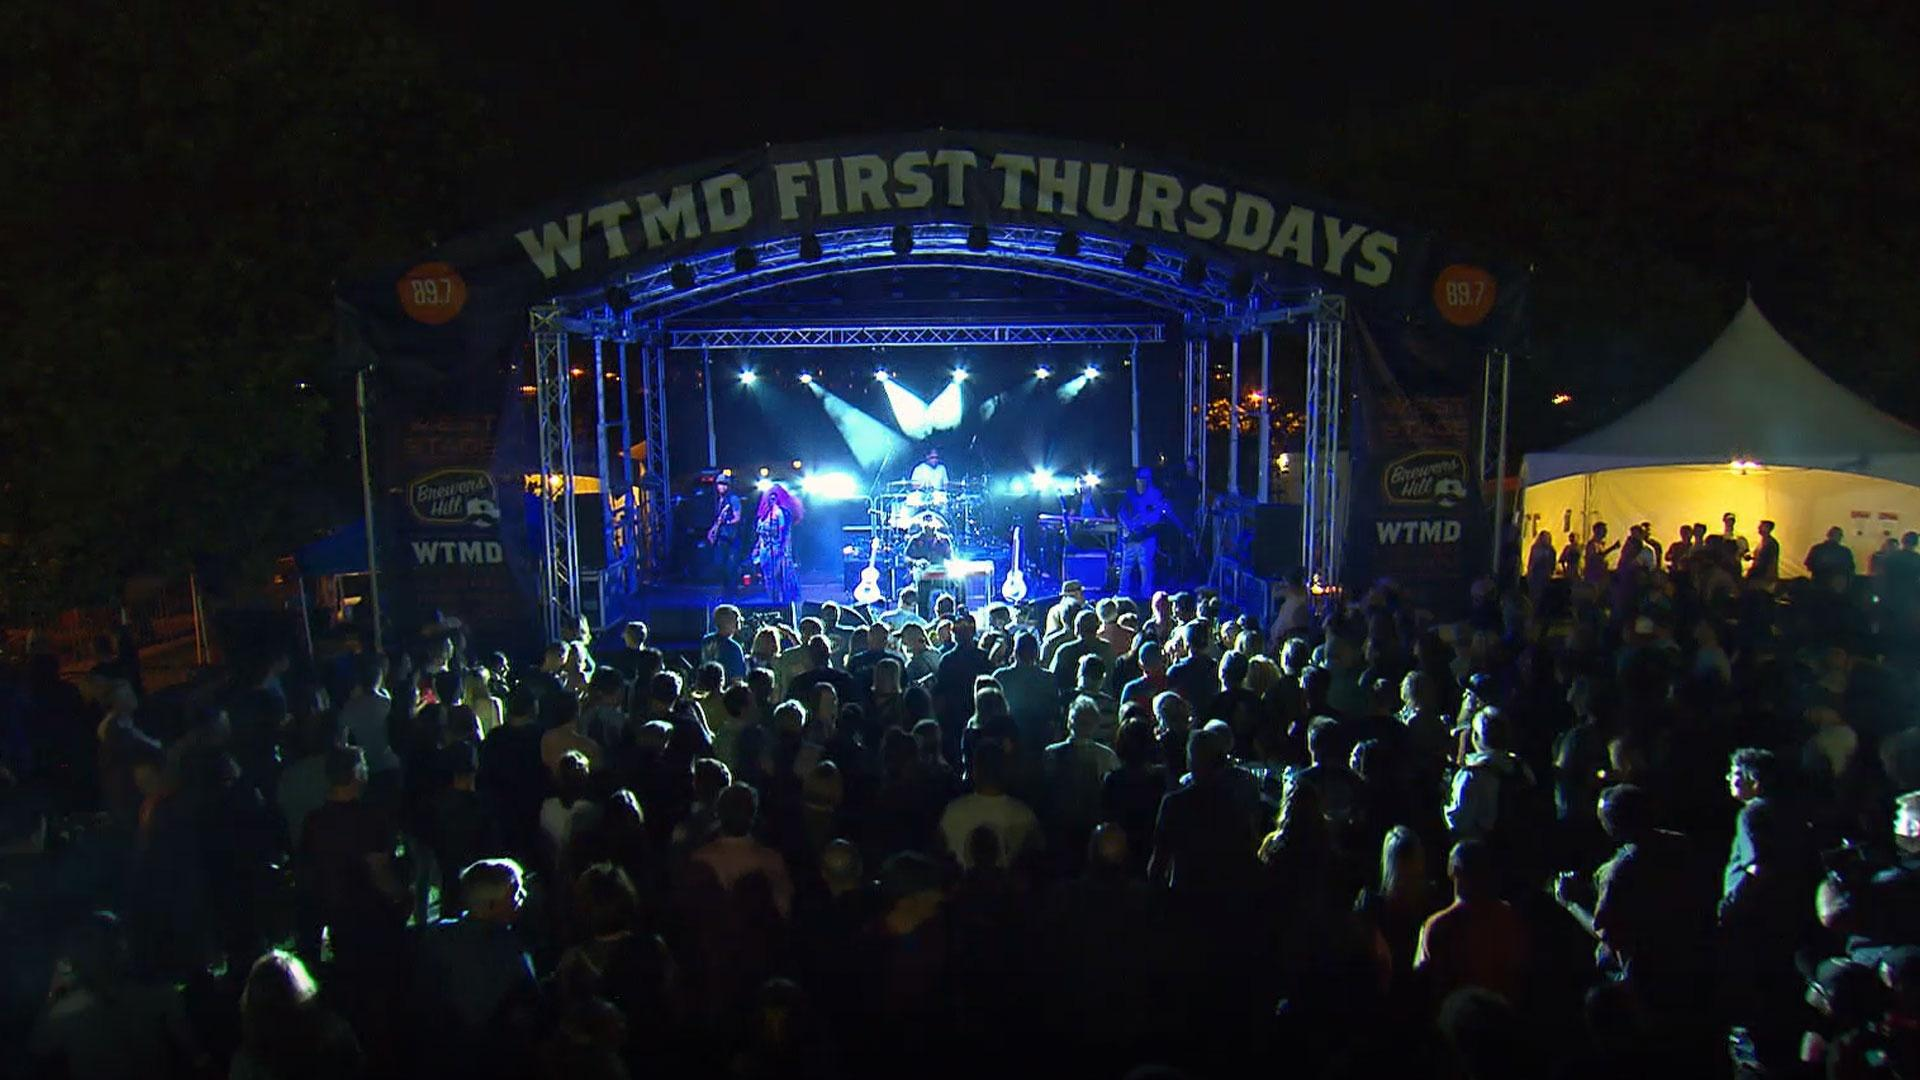 WTMD First Thursday Festival 2019